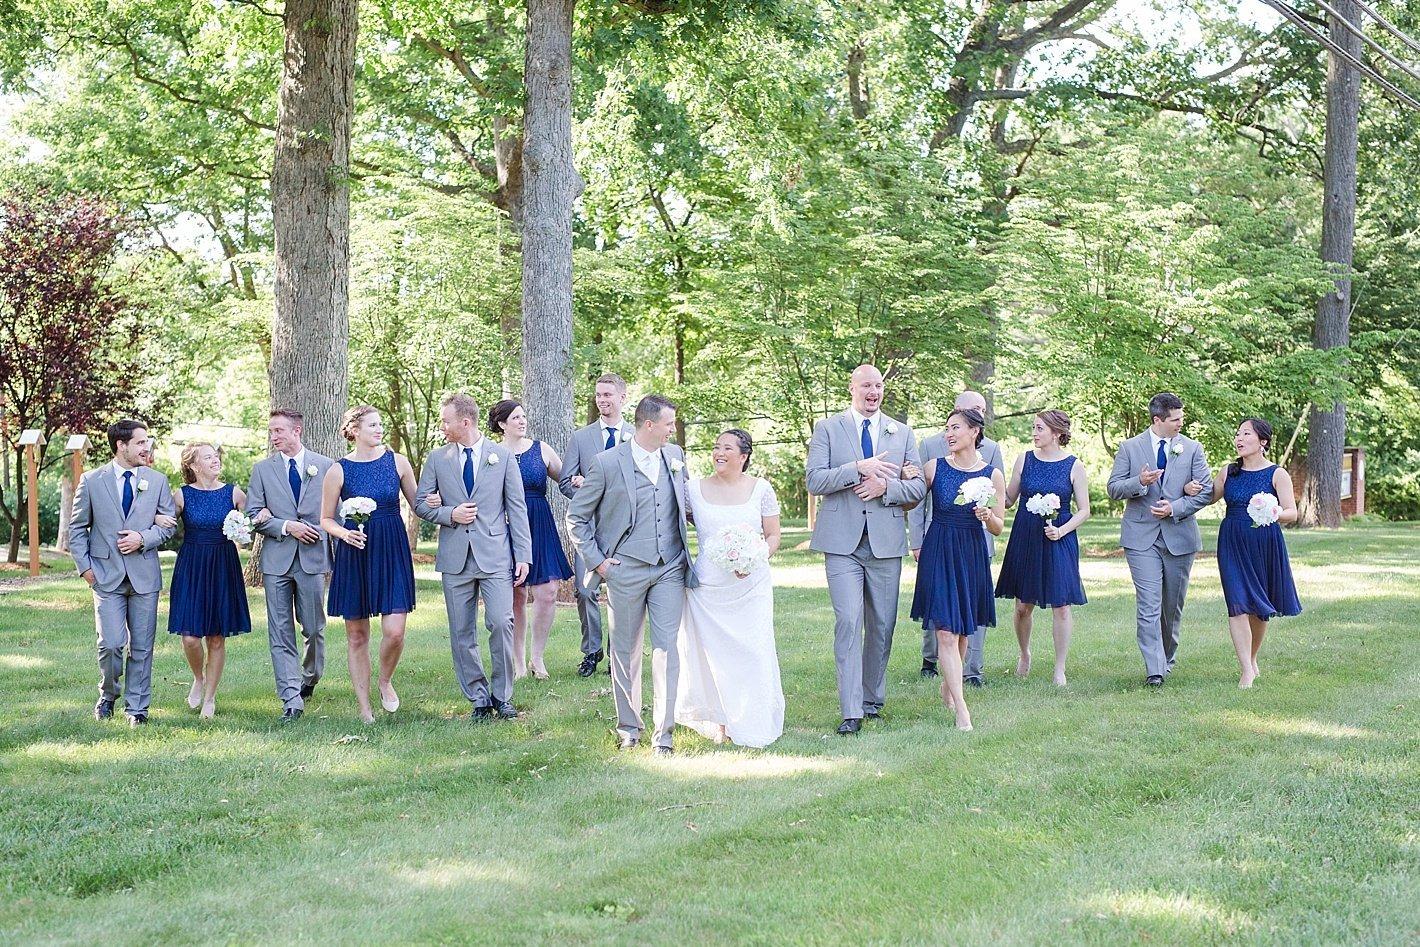 TheGreatRoomatSavageMillweddinghowardcountyweddingphotography-38